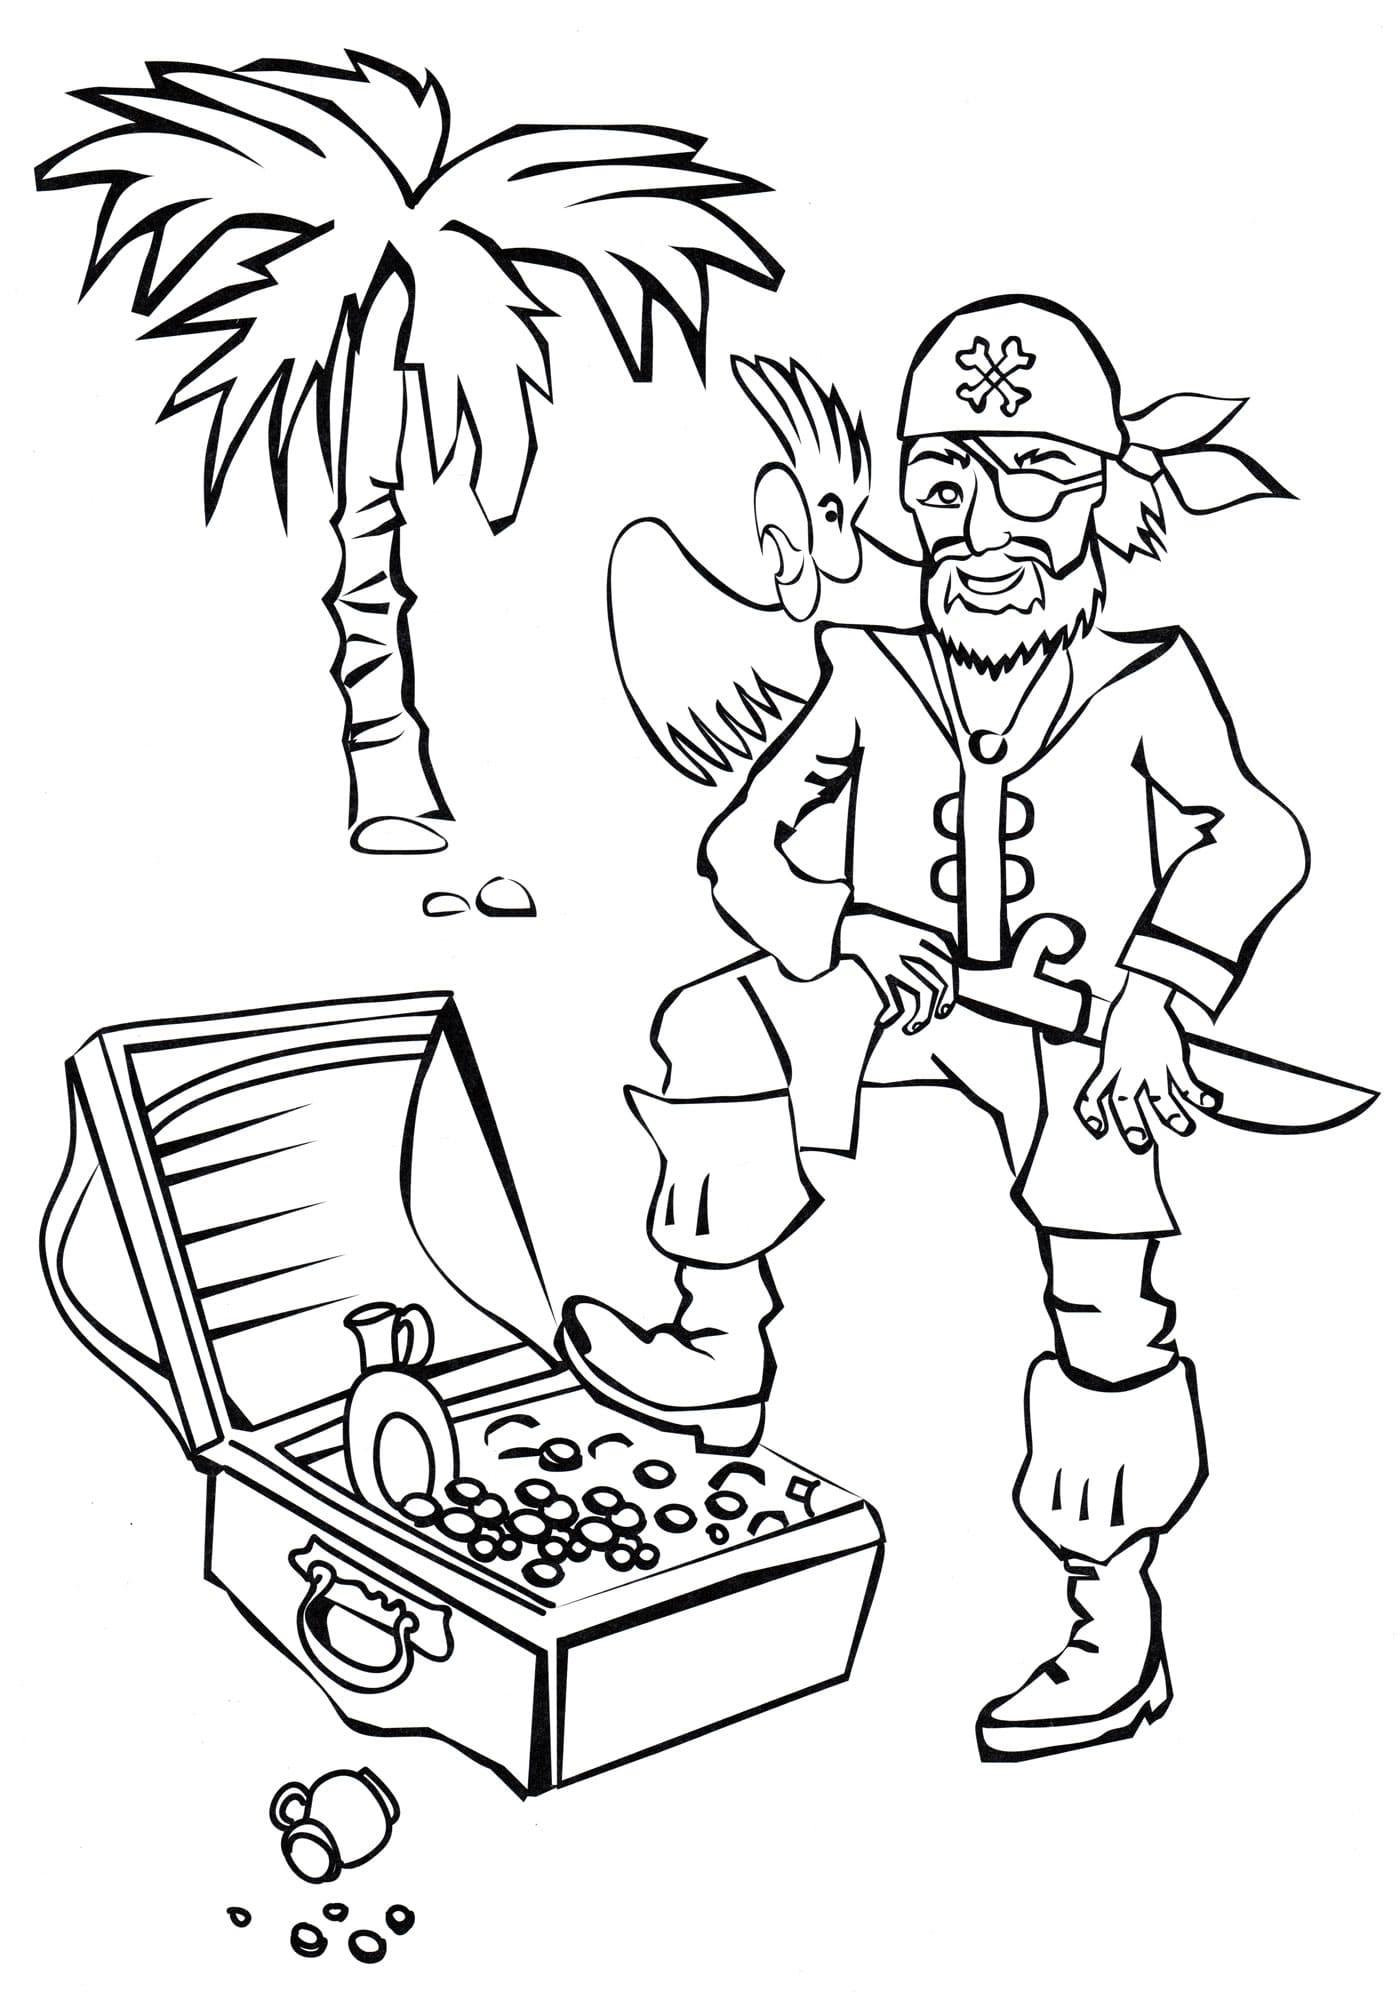 Ausmalbilder Piraten  26 Malvorlagen Kostenlos zum Ausdrucken